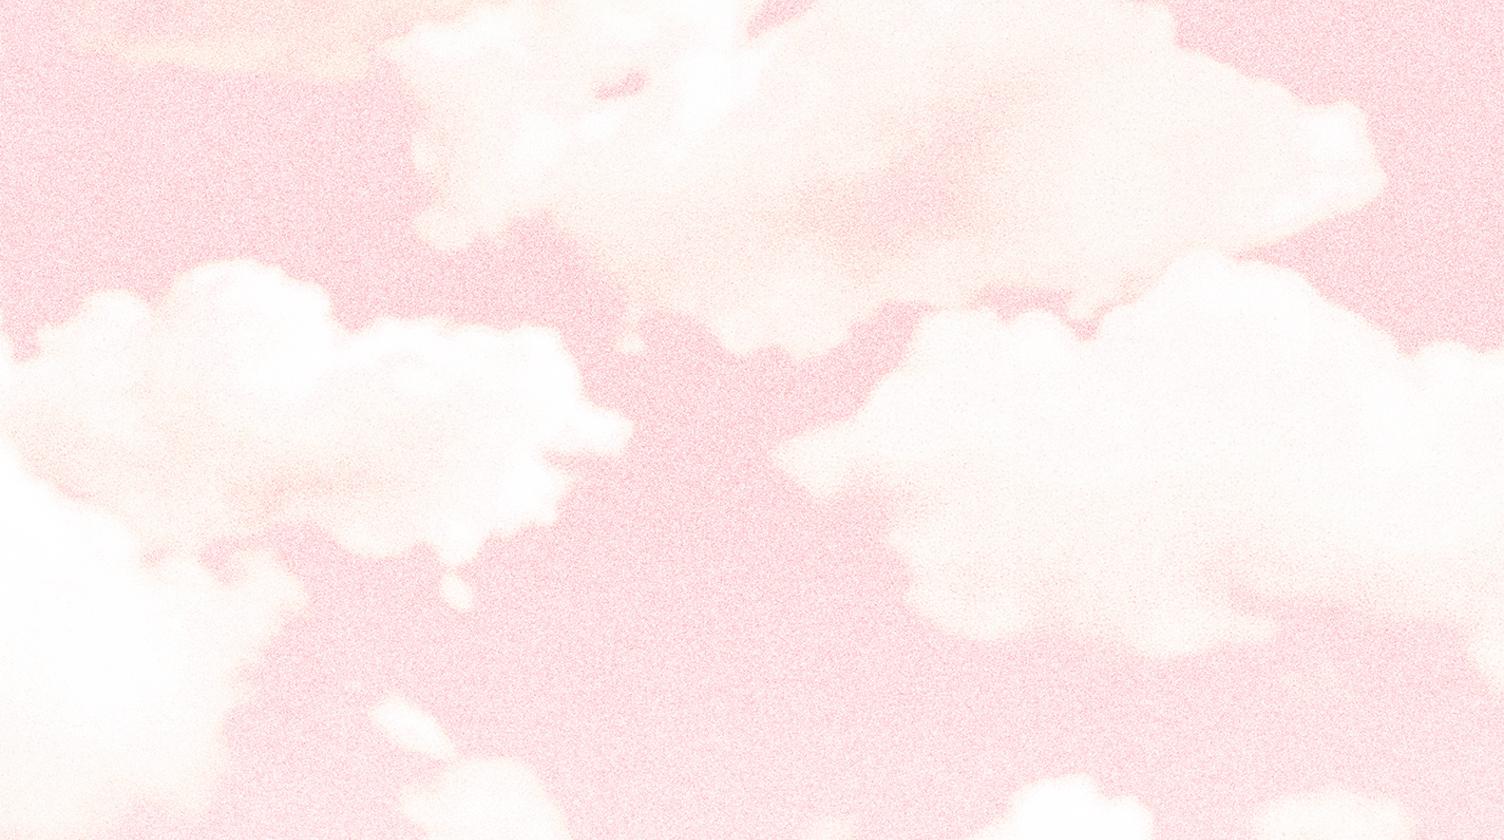 Turnstile - Background